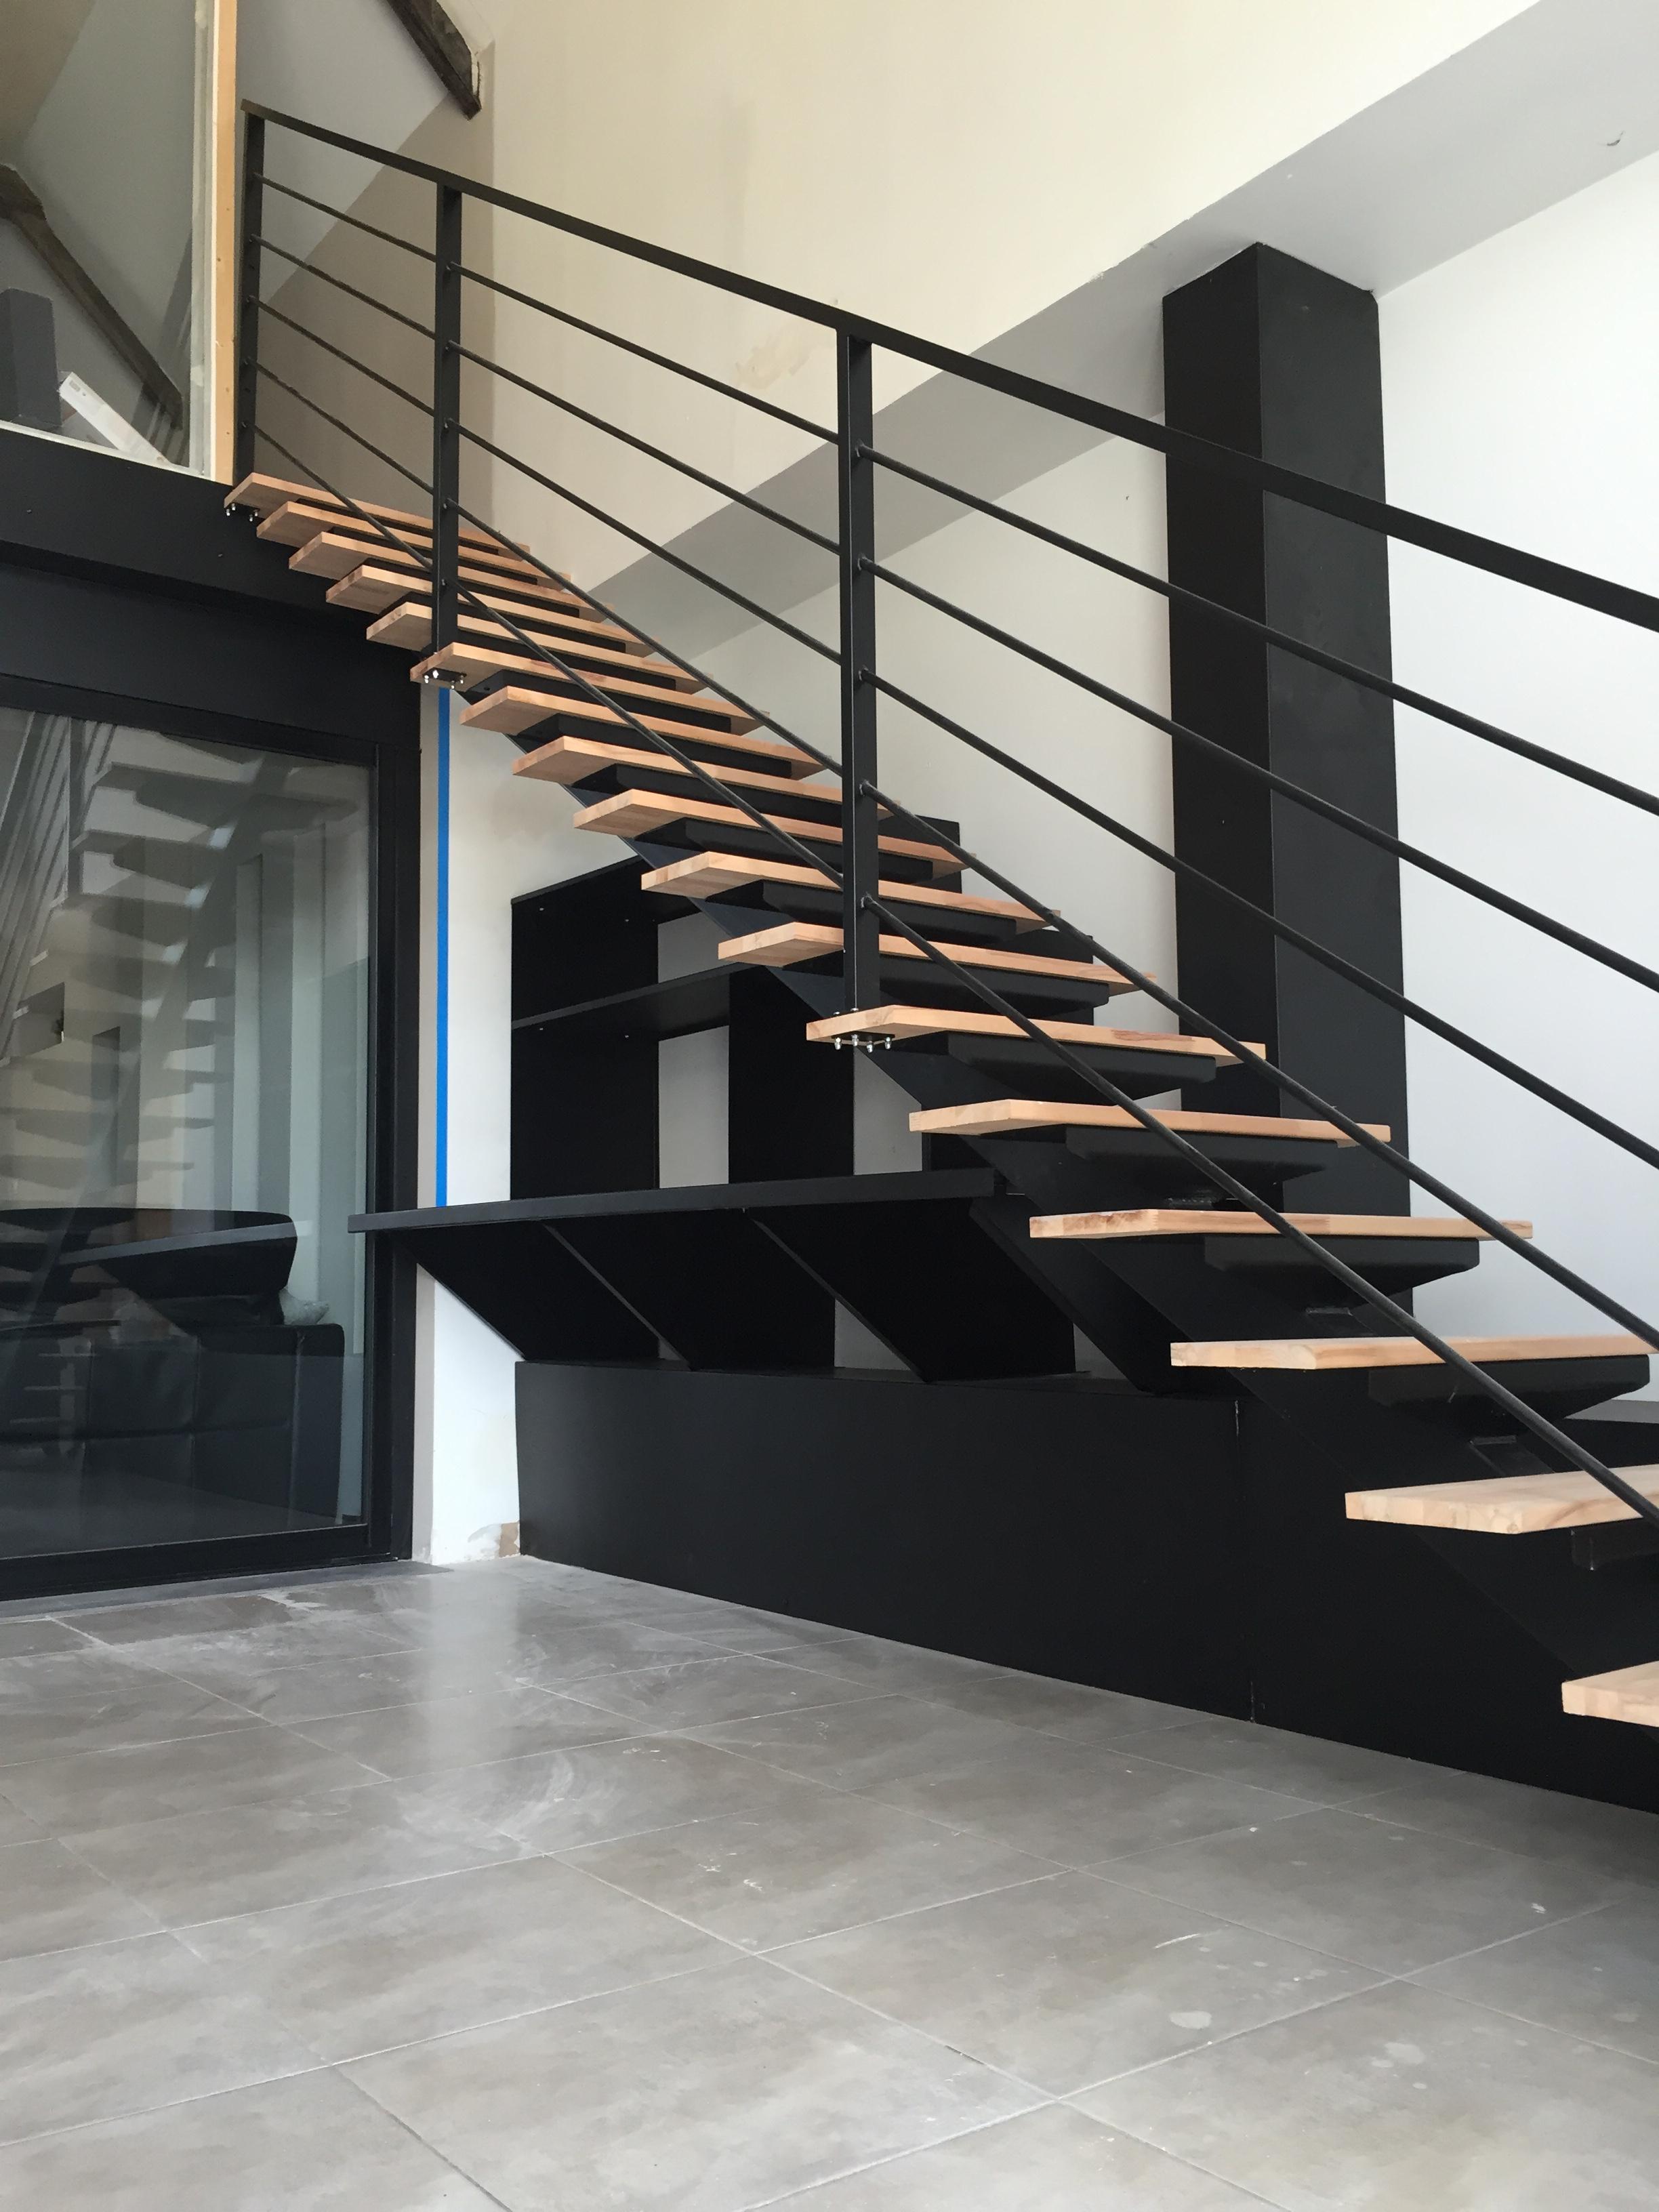 Escalier Bois Metal Noir escalier - steco industries